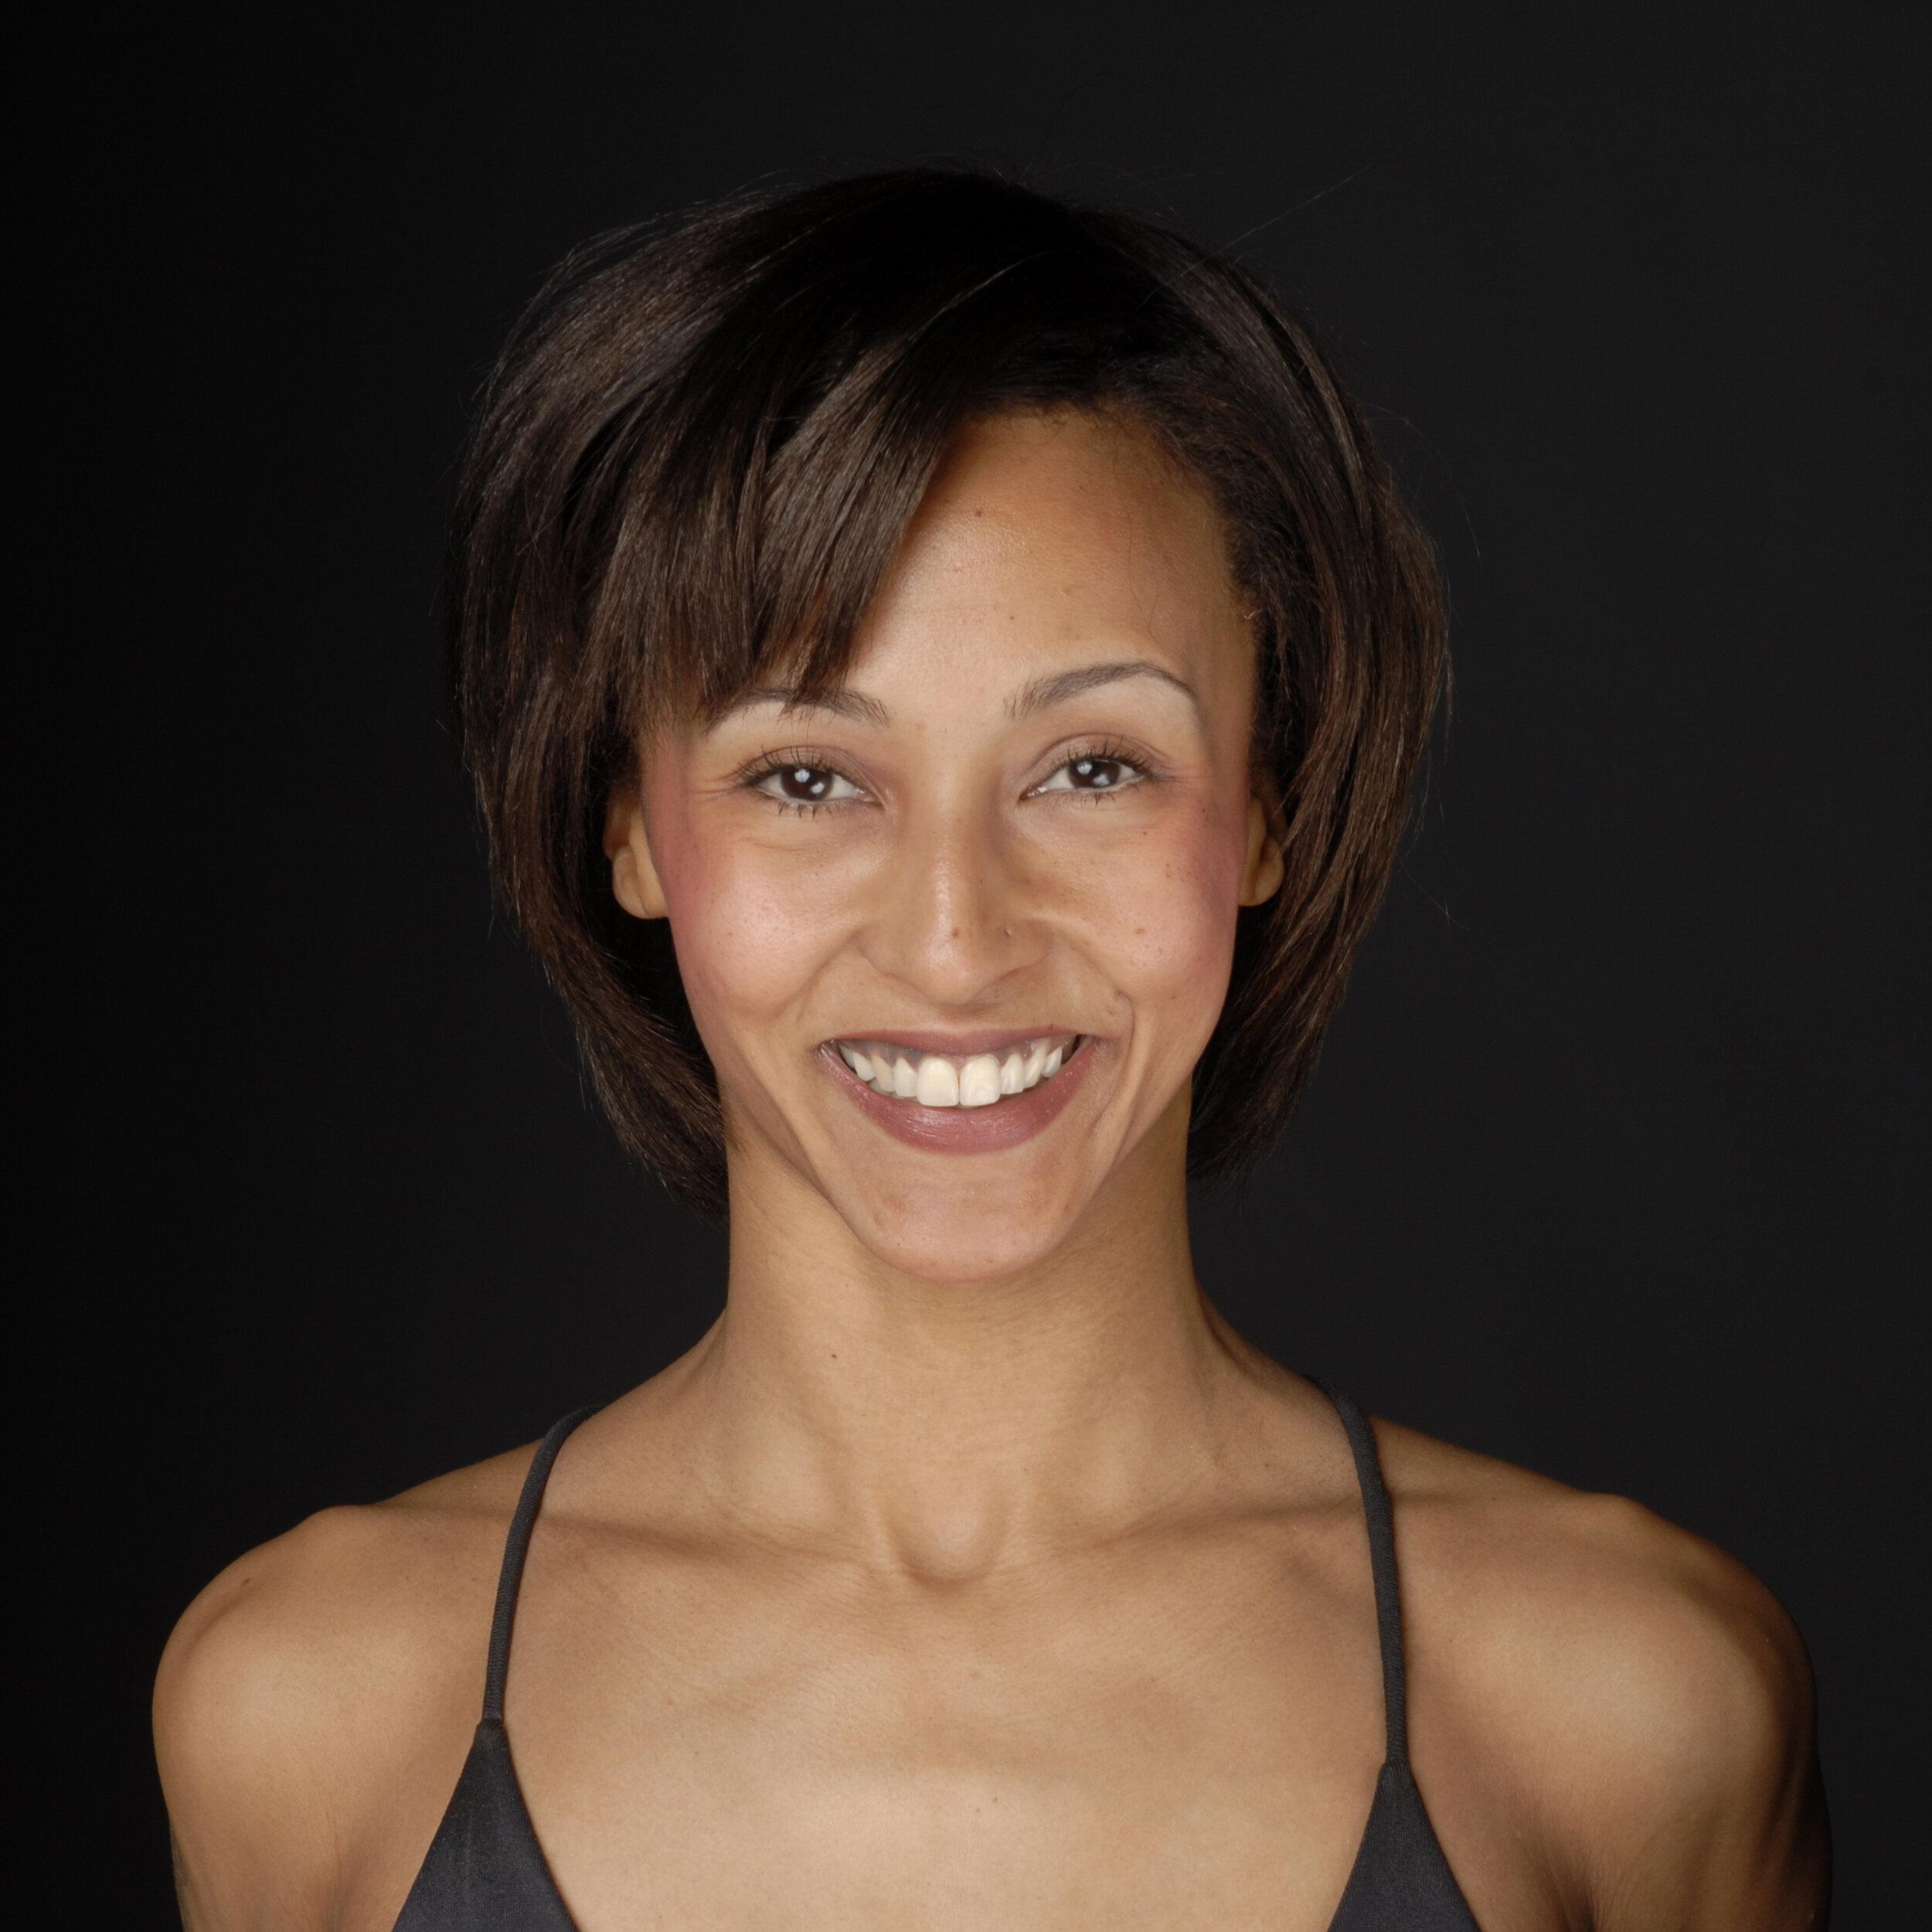 """Olive Ssembuze - Director E-RYT 500  Olive wurde in Bern geboren und verliess die Schweiz nach der Ausbildung an der Tanz - Theater Schule in Zürich, um als Tänzerin in New York zu trainieren und zu arbeiten. 1995 besuchte sie ihre erste Hatha Yoga Klasse und begann regelmässig zu üben.1999 wurde sie von einer Freundin zu einer Vinyasa Flow Klasse mitgenommen und fand in diesem dynamischen Yoga Stil, ihr Zuhause. Olive absolvierte auch die William Esser Schauspielschule in NYC, Terry Knickerbocker und fand eine Agenten/ Manager in Los Angeles und verbrachte auch 18 Monate dort. In dieser Zeit besuchte Olive regelmässig Brian Kest's Klassen. Nach zehn Jahren Amerika, kam Olive 2003 zurück nach Zürich und begann wieder zu tanzen (Mr. Schweiz, Prix Walo, TV ), zu choreographieren und Yoga zu unterrichten .AirYoga war ihr Zuhause für vier Jahre bevor sie in 2008 Yogalives gründete.Olive Ssembuze unterrichtet Yoga seit 14 Jahren täglich und wird oft auch""""teachers teacher"""" genannt. Ihre Yogalehrer-Ausbildung 200 hours absolvierte Olive bei Annie Carpenter,YogaWorks - Los Angeles und die +300 bei Joan Hyman YogaWorks in 2012. Zurzeit ist Olive in der Yoga Tune Up - Certification Level 1 Ausbildung."""